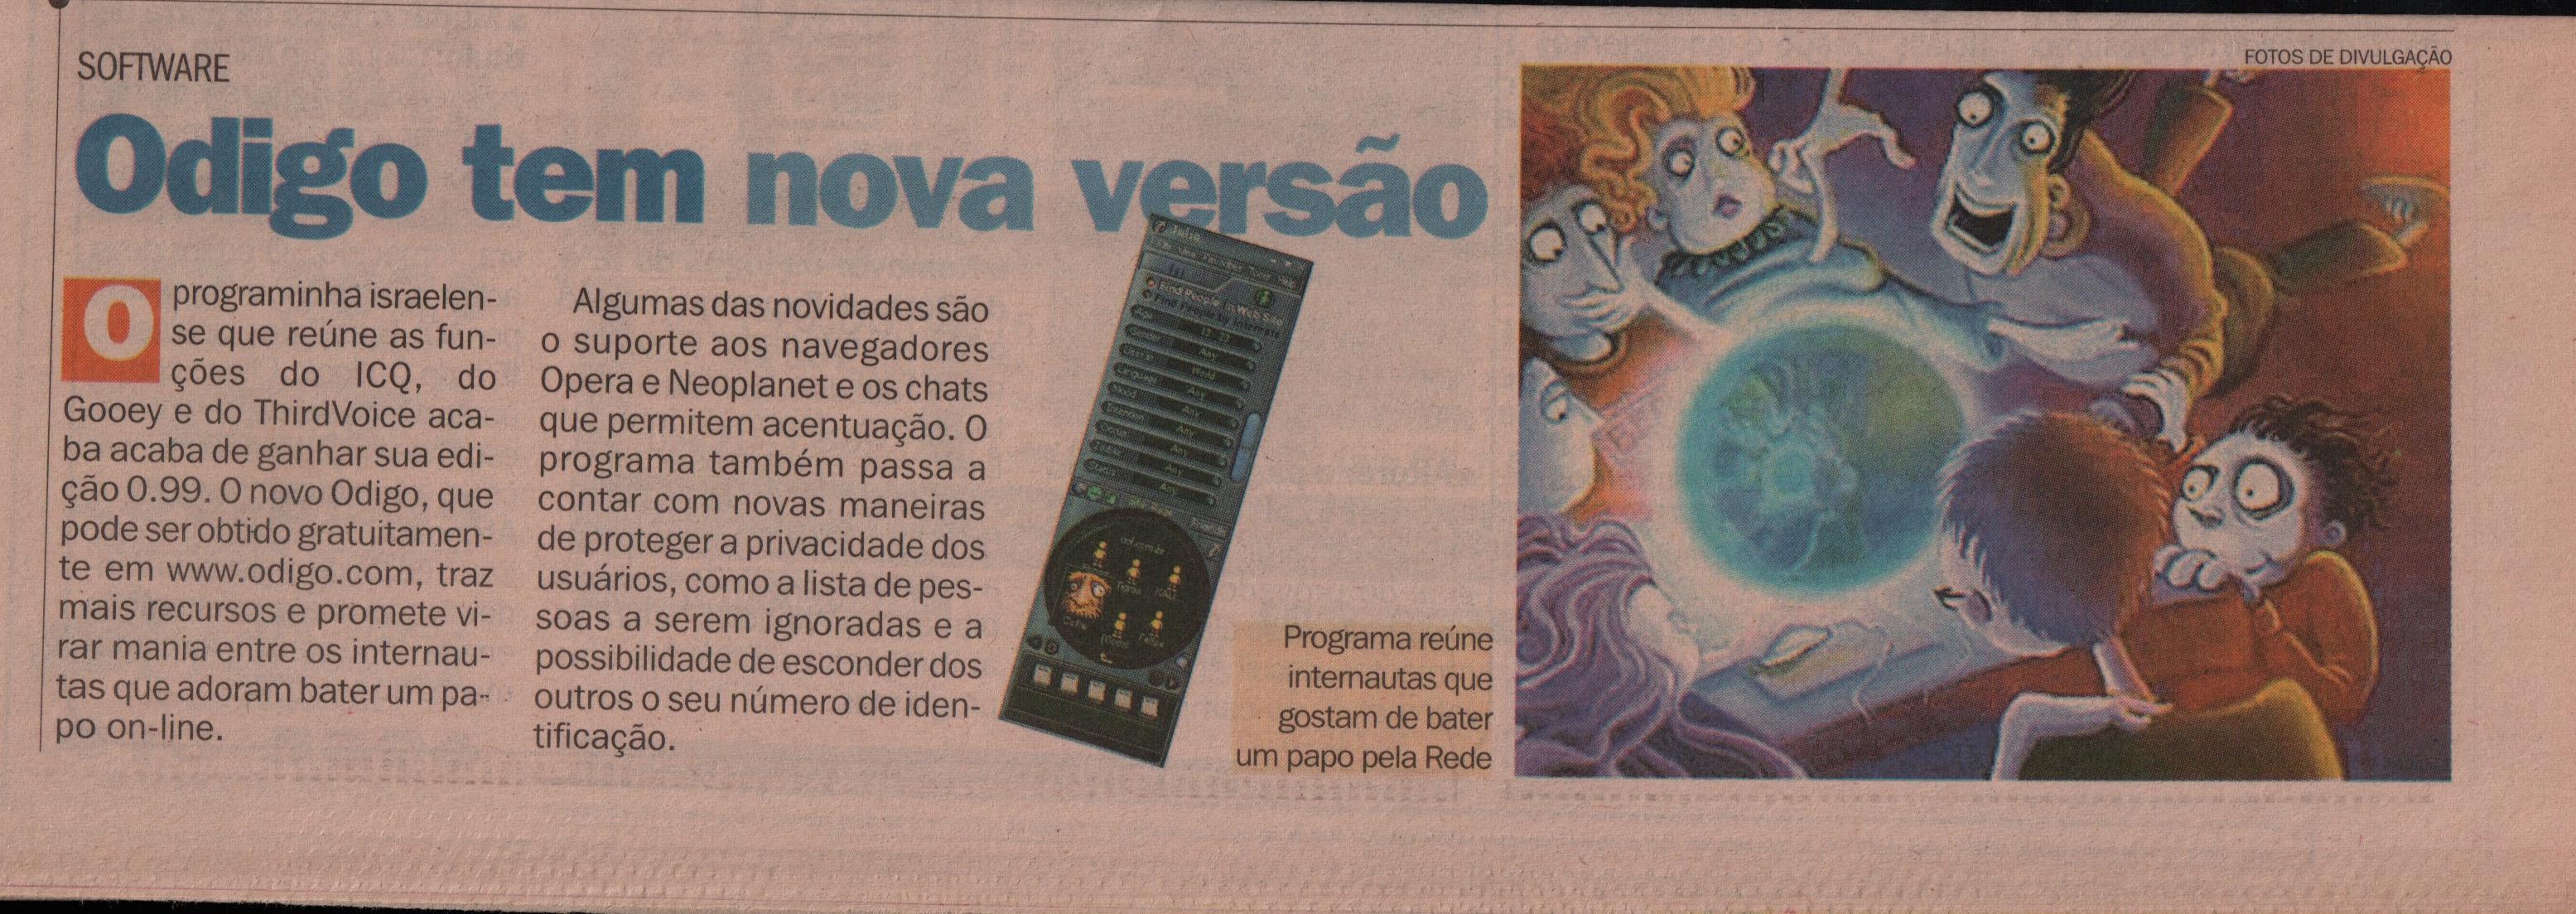 Brasil: Artigos no jornal O Dia